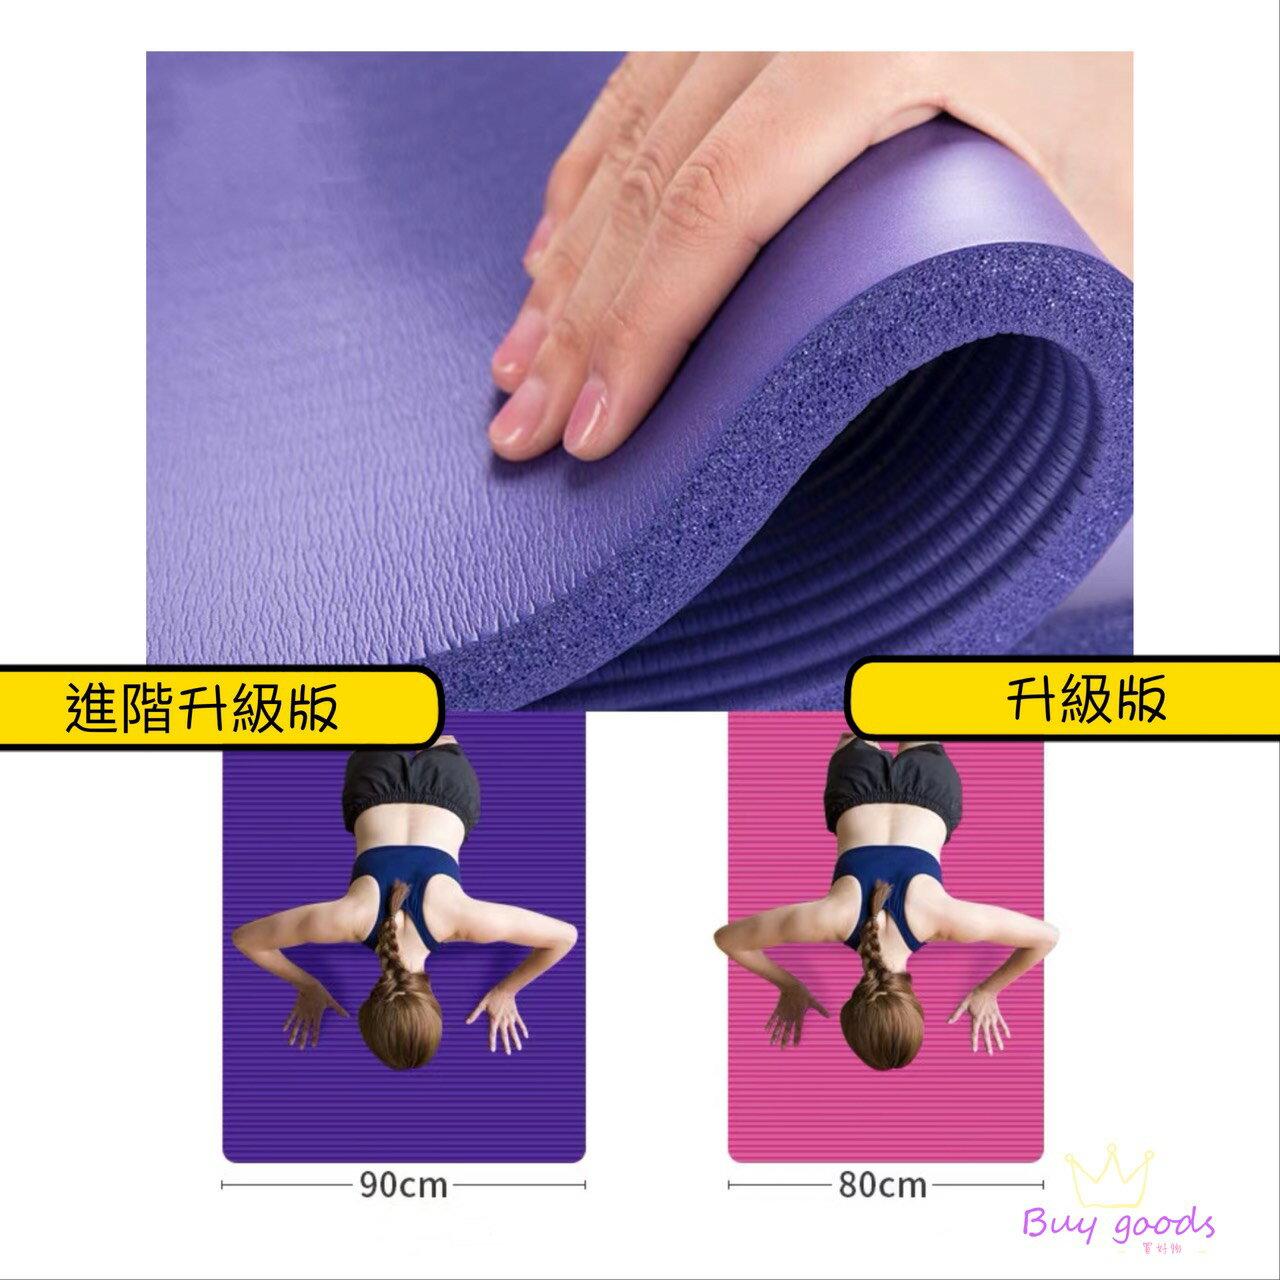 健身 瑜伽墊 / 運動 地墊 遊戲墊  / 瑜珈健身墊 / 防滑墊《10MM / 15MM 瑜珈墊+束帶+收納袋三件套》 8